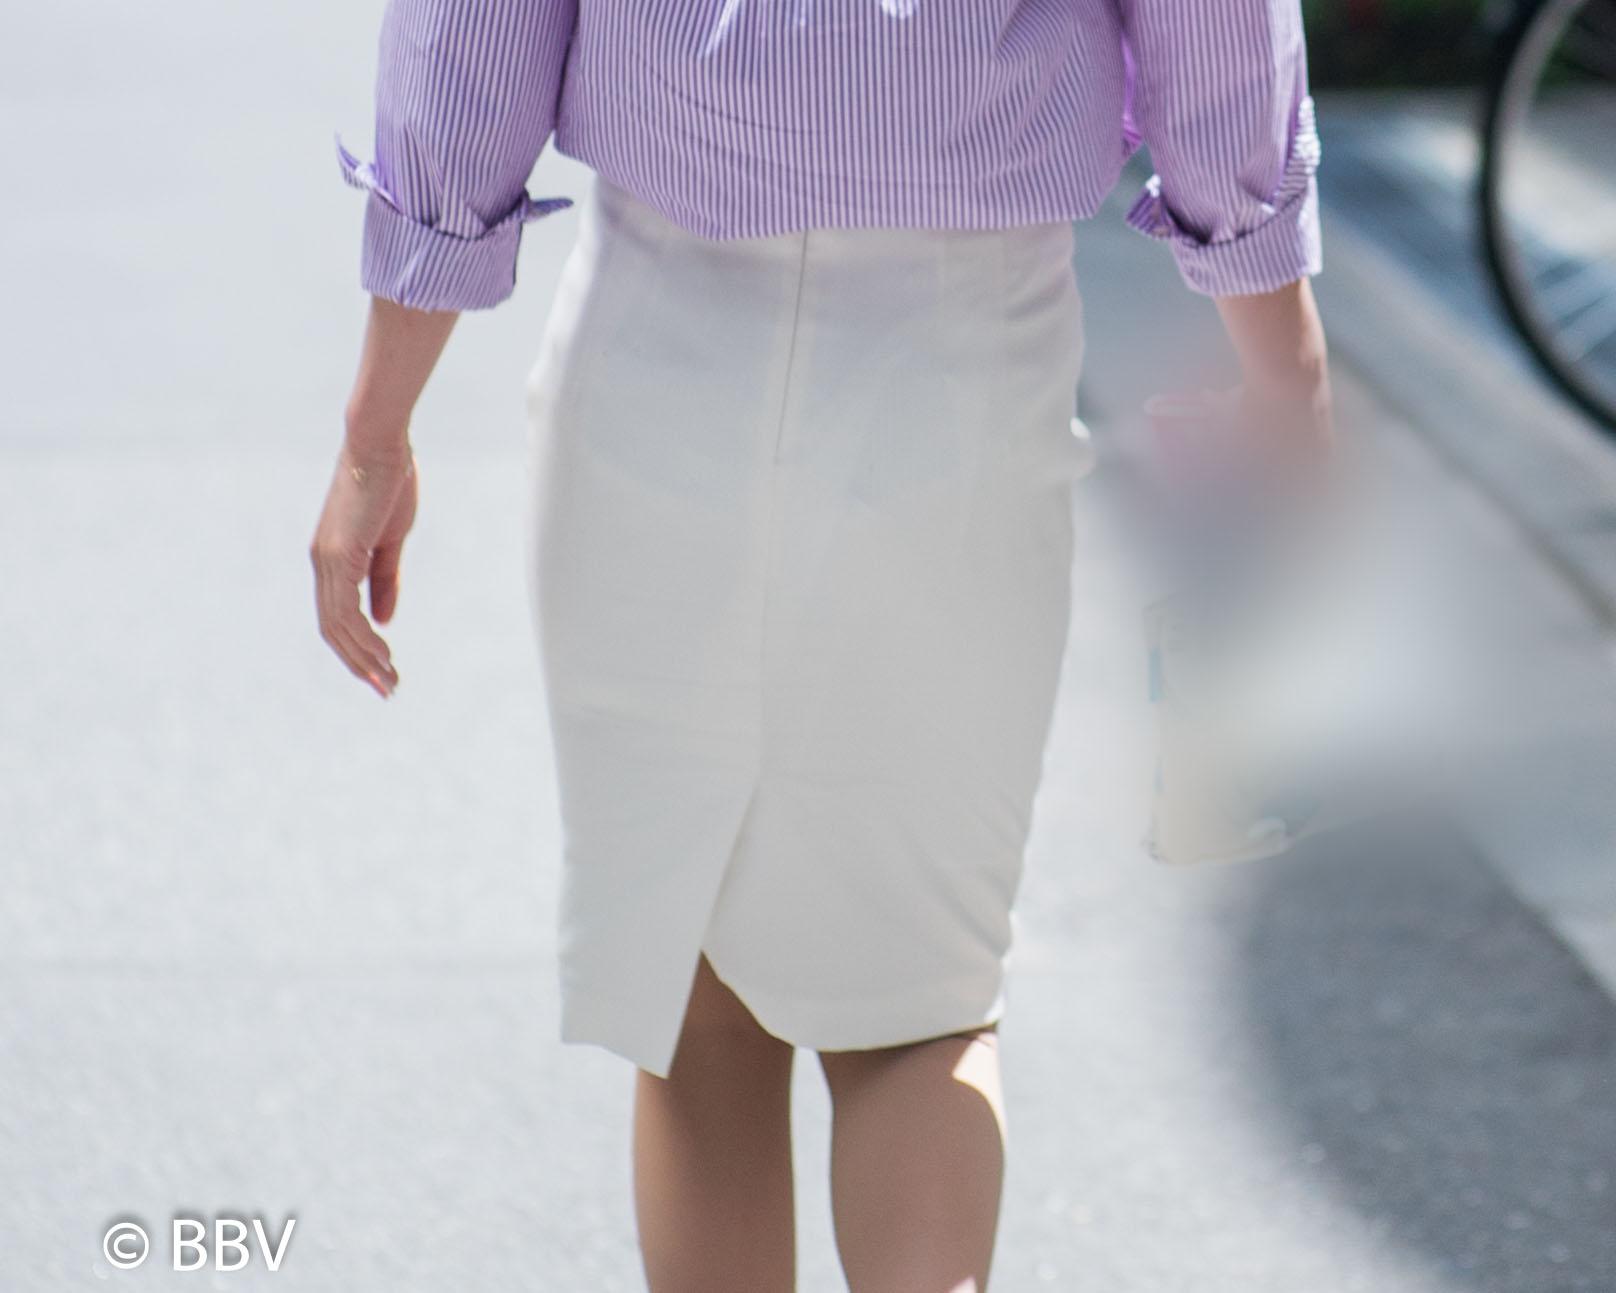 OLさんの白いタイトスカートの中身が気になってしょうがない!